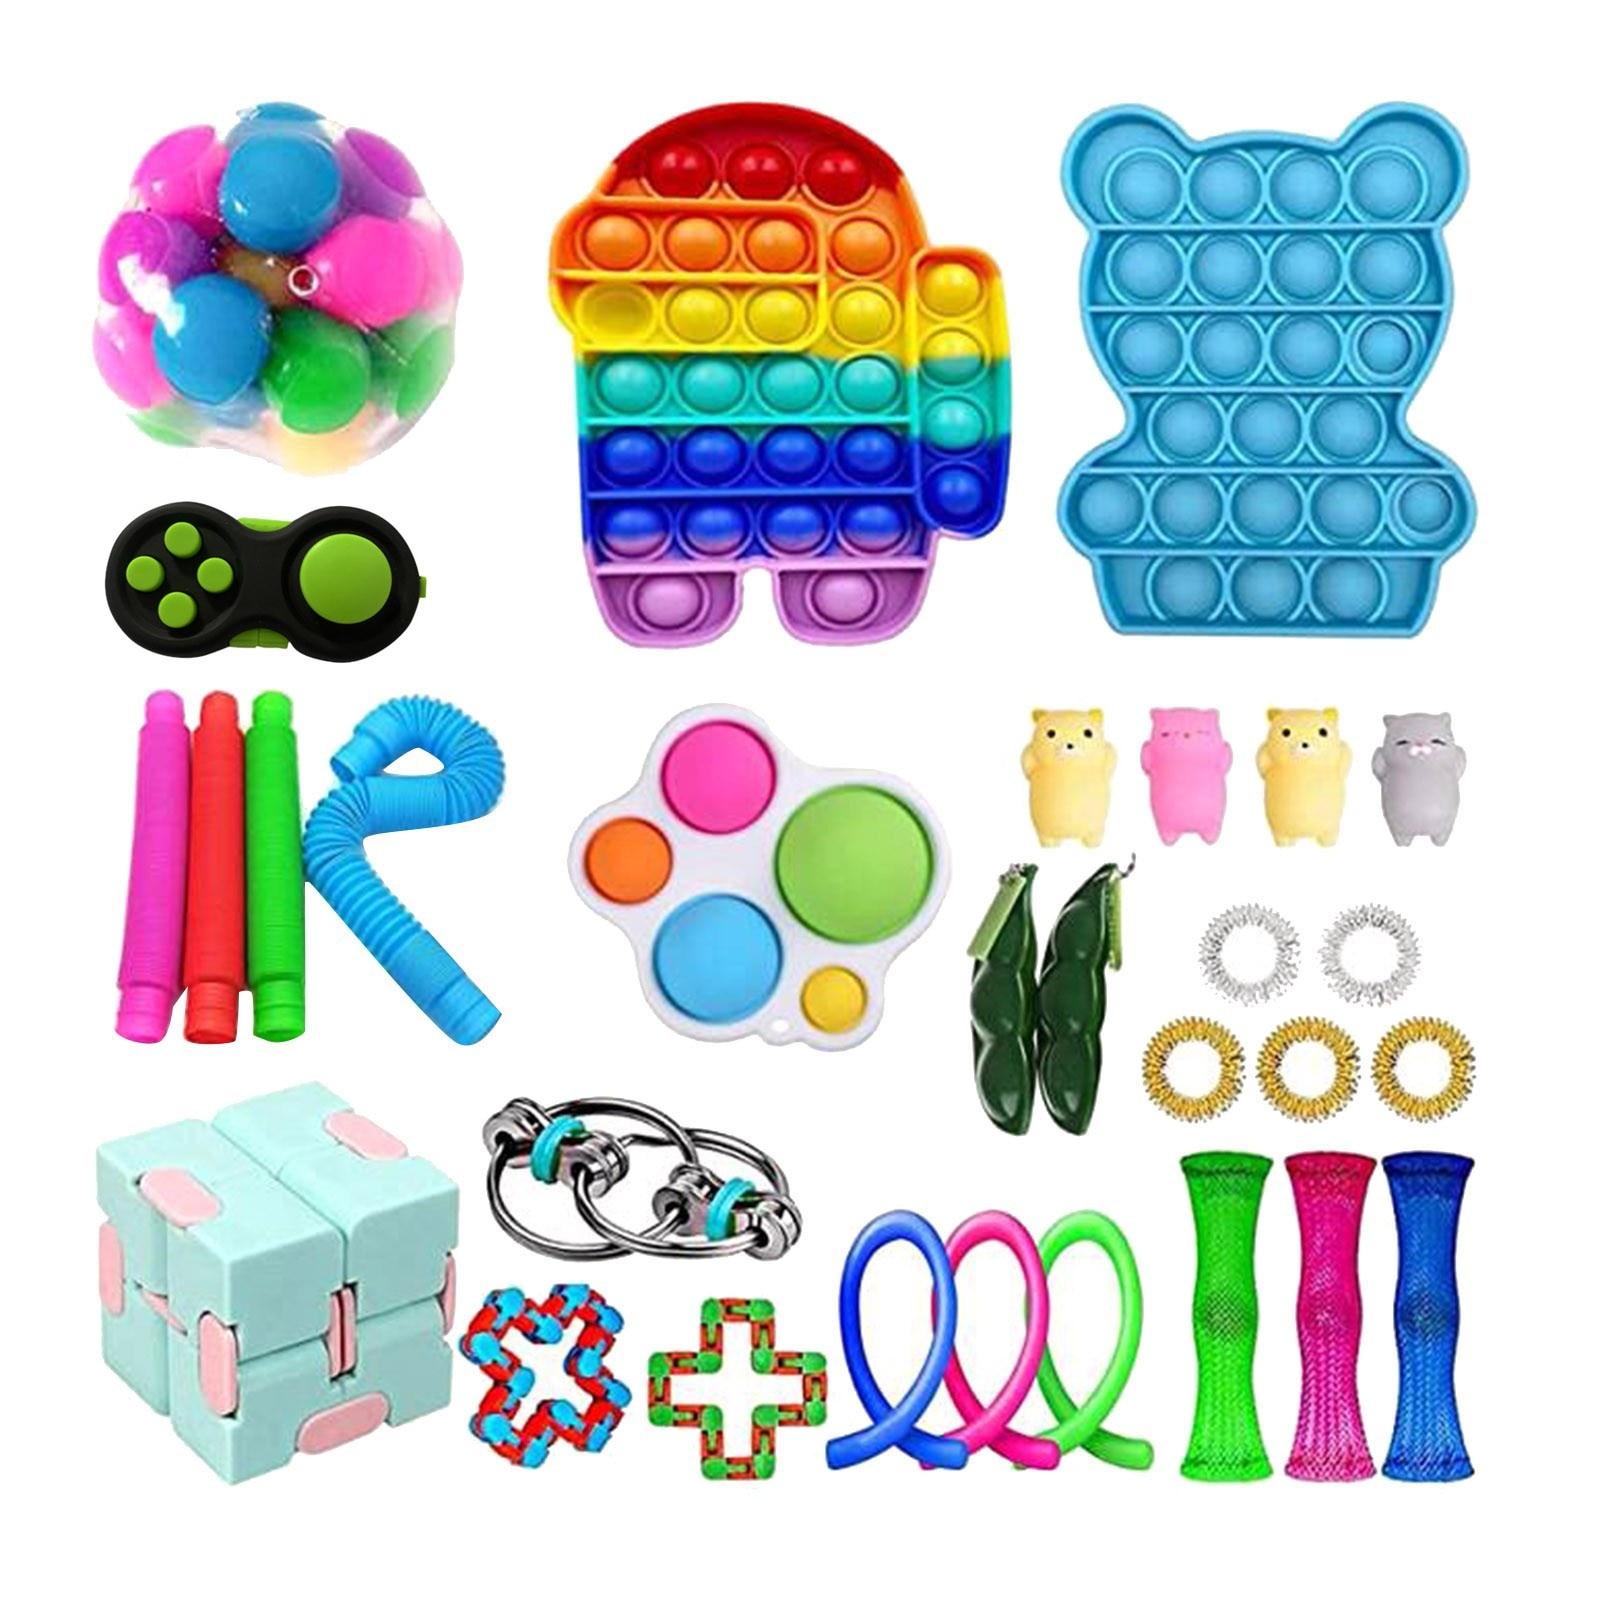 20-35 шт./компл. пуш-ап поп-пузырь сенсорная игрушка для аутистов потребности мягкие игрушки для снятия стресса Смешные анти-стресс вытолкнуть...